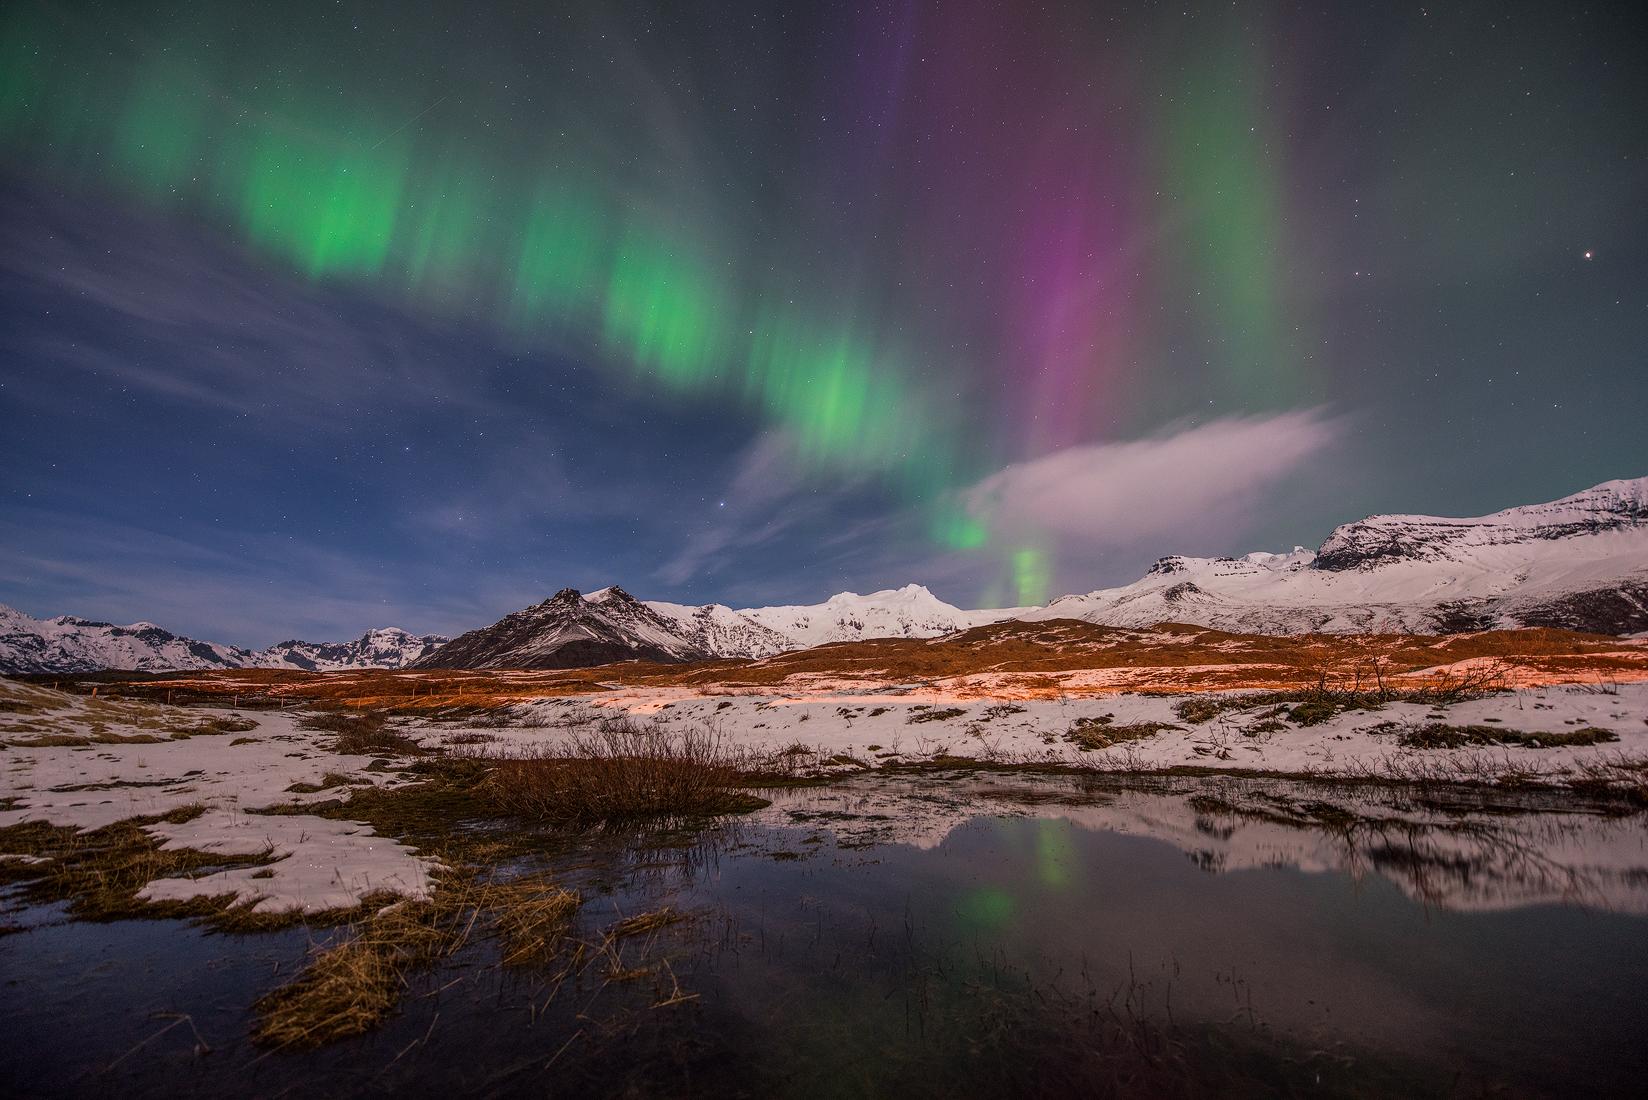 Les paysages enneigés d'Islande en hiver offrent un pays des merveilles glacé au-dessus duquel vous pourrez vous émerveiller devant les aurores boréales.